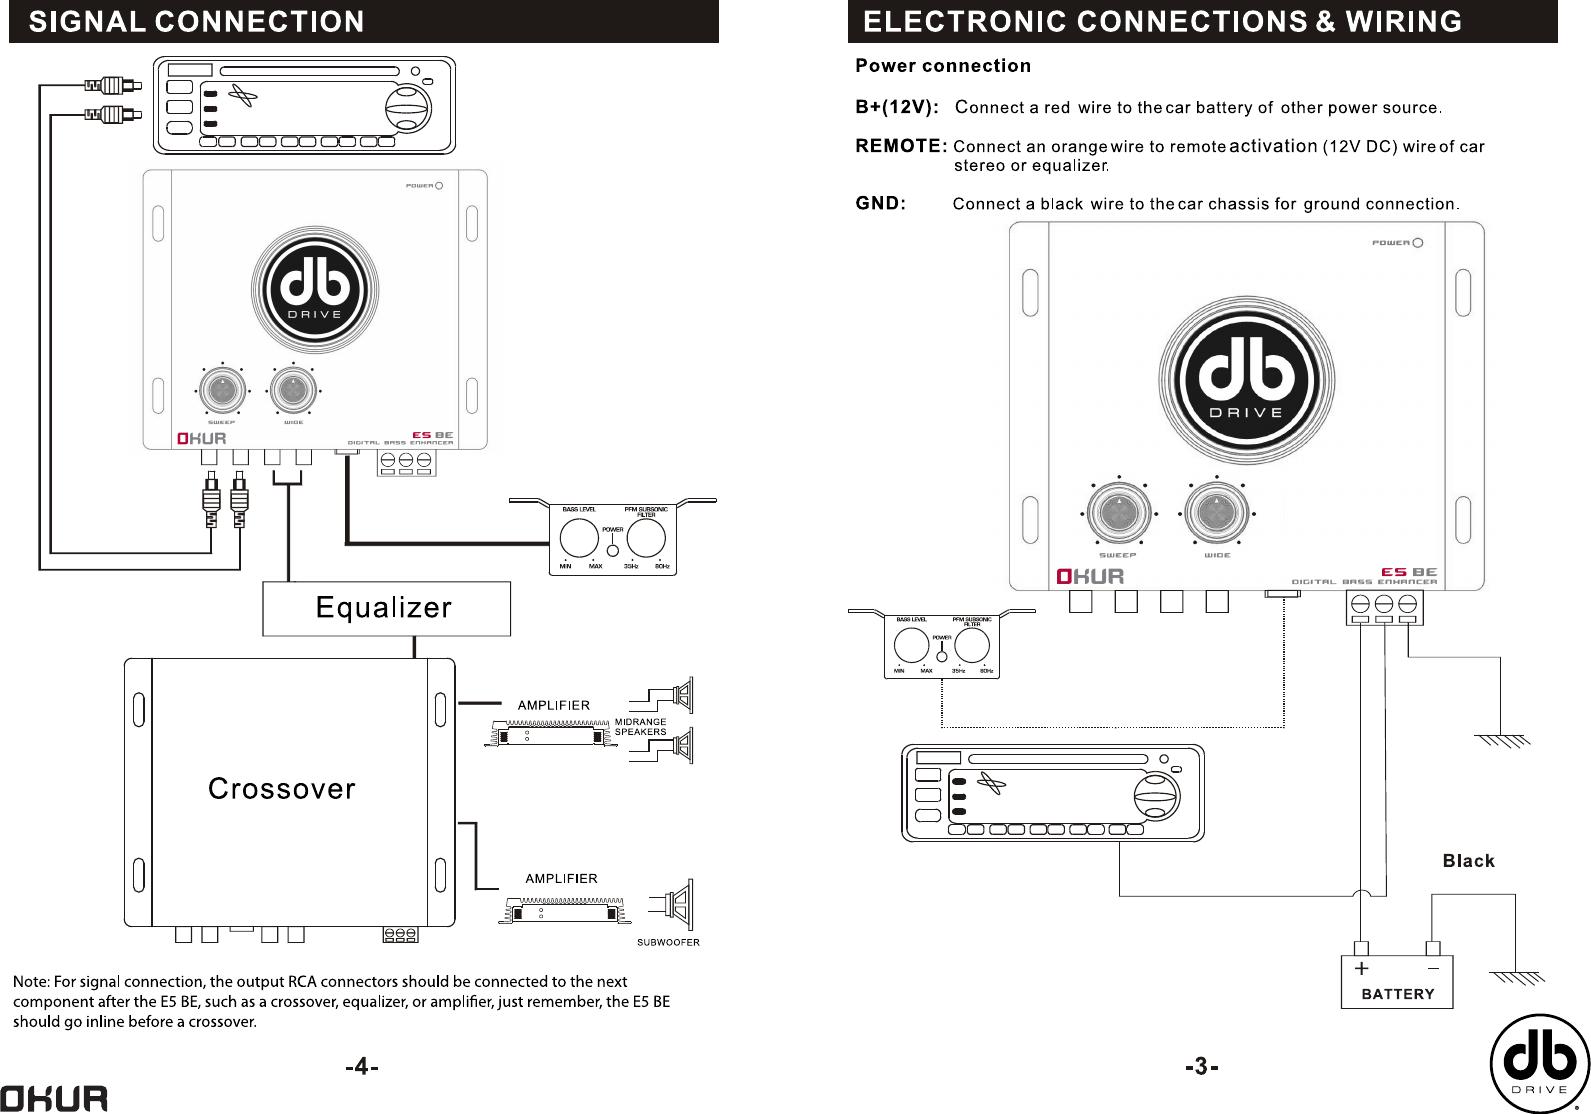 Db Drive Amp Wiring Diagram - Wiring Schematics on